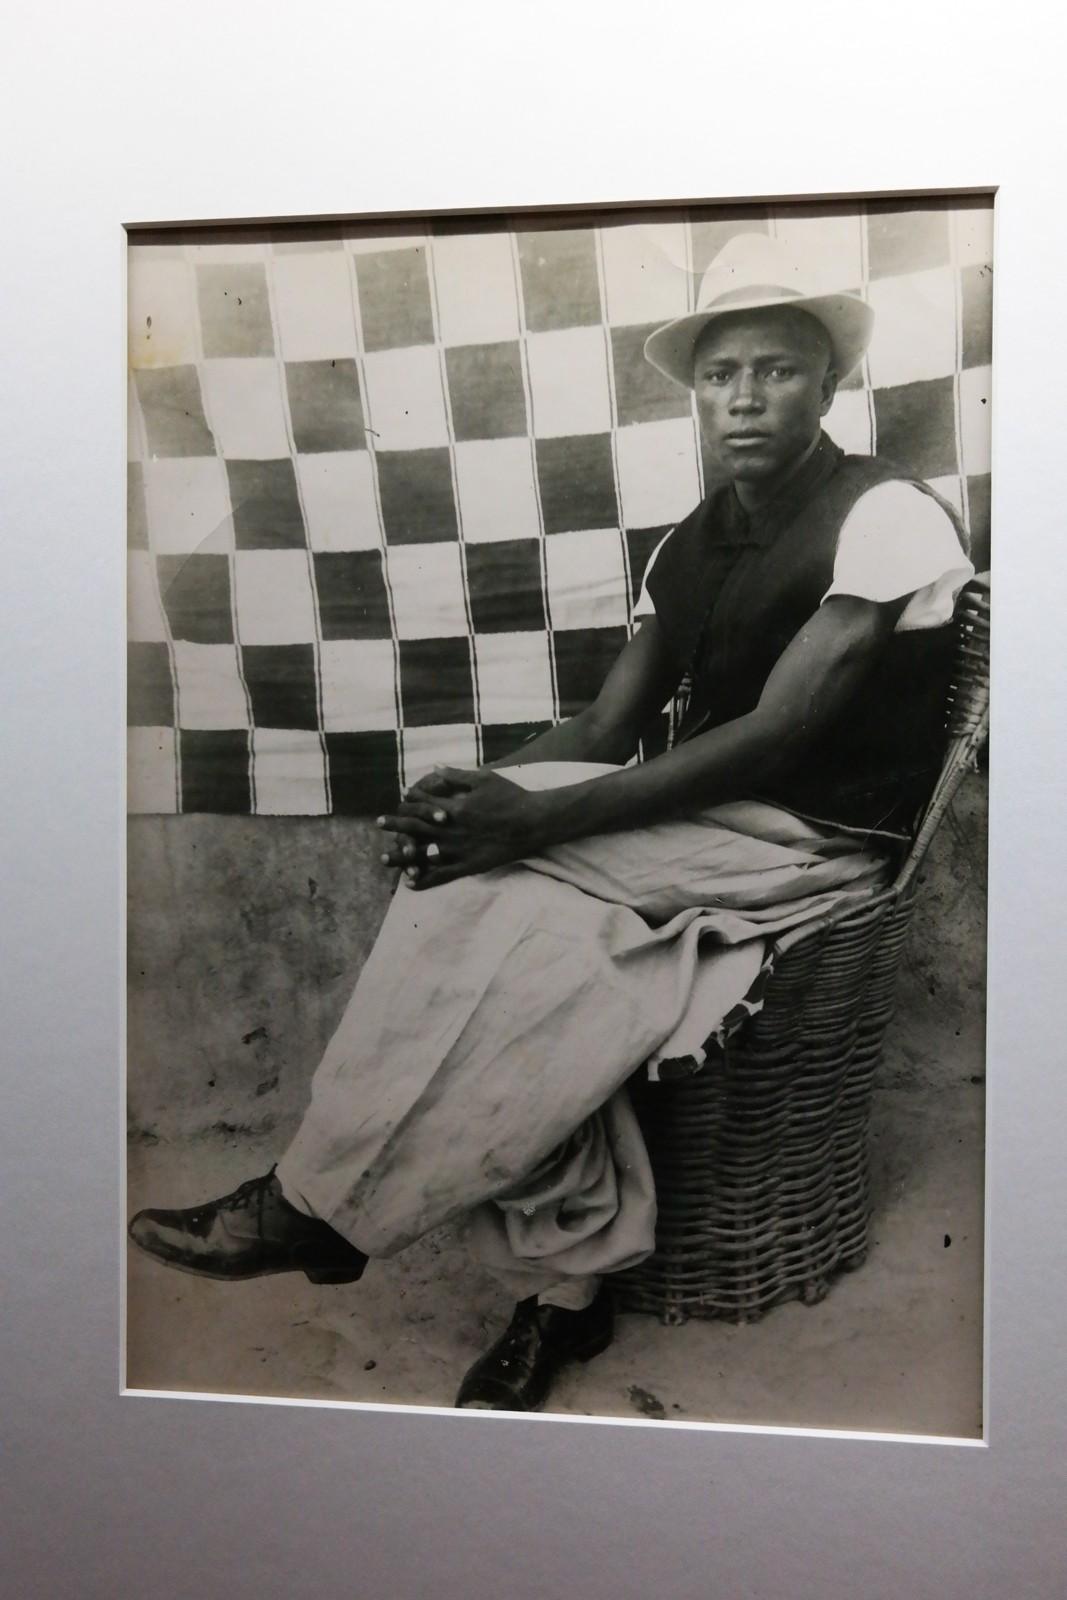 sans titre, 1953-1954, tirage argentique d'époque, collection privée